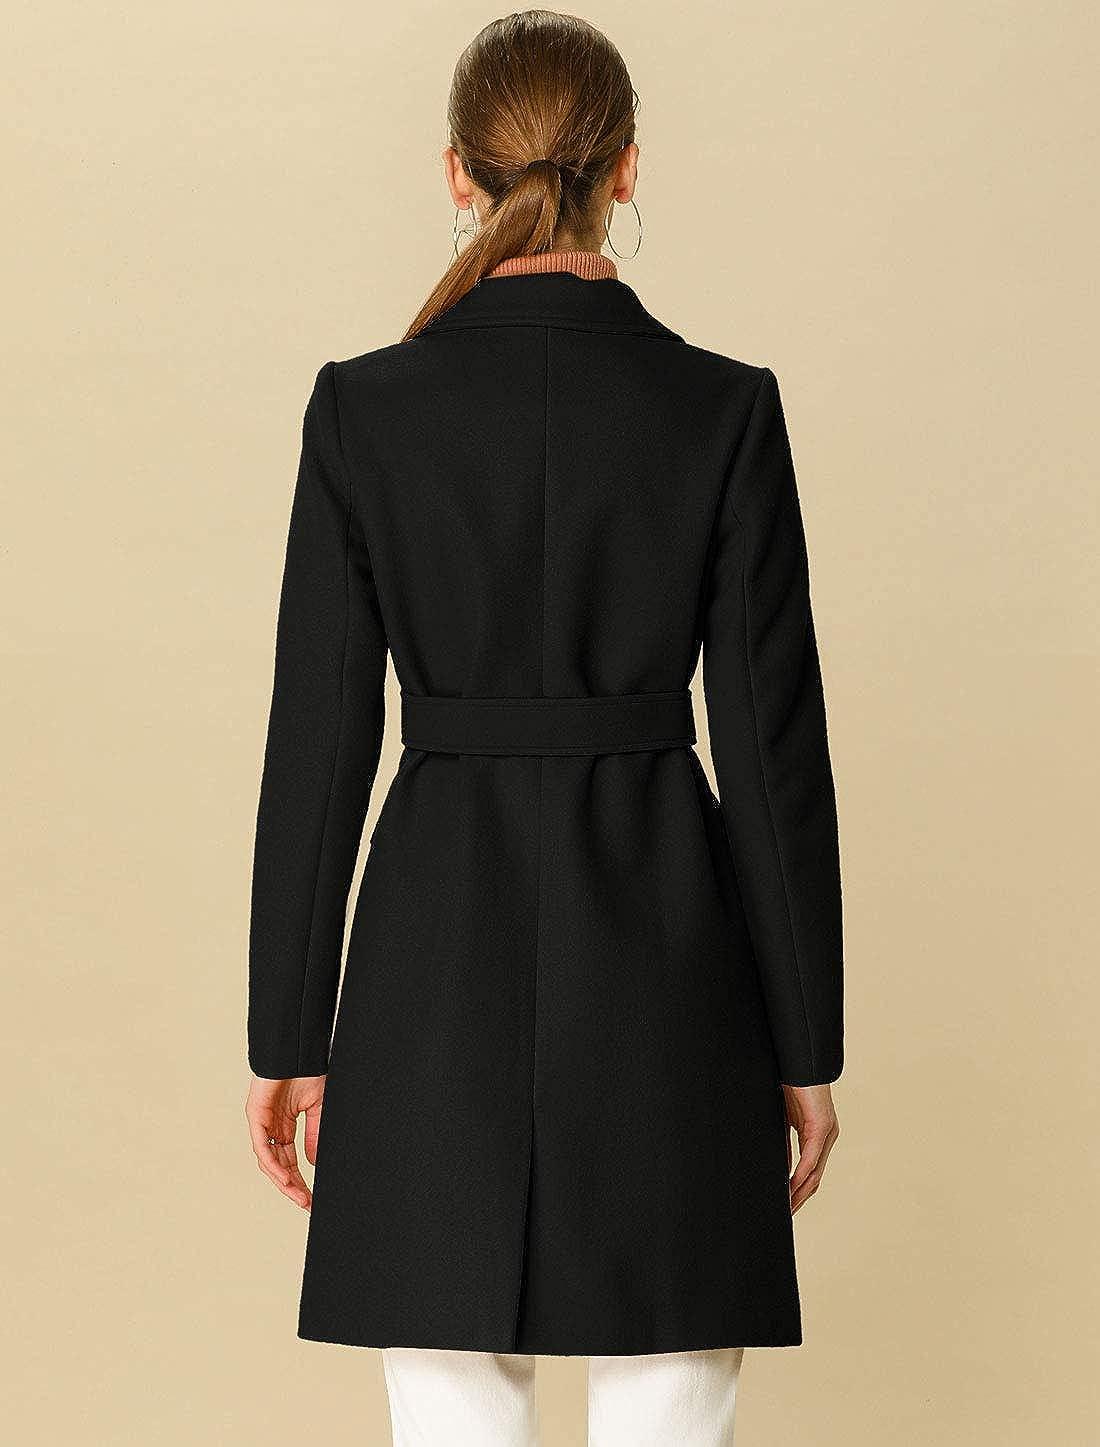 Allegra K Womens Notch Lapel Double Breasted Belted Mid Long Outwear Winter Coat